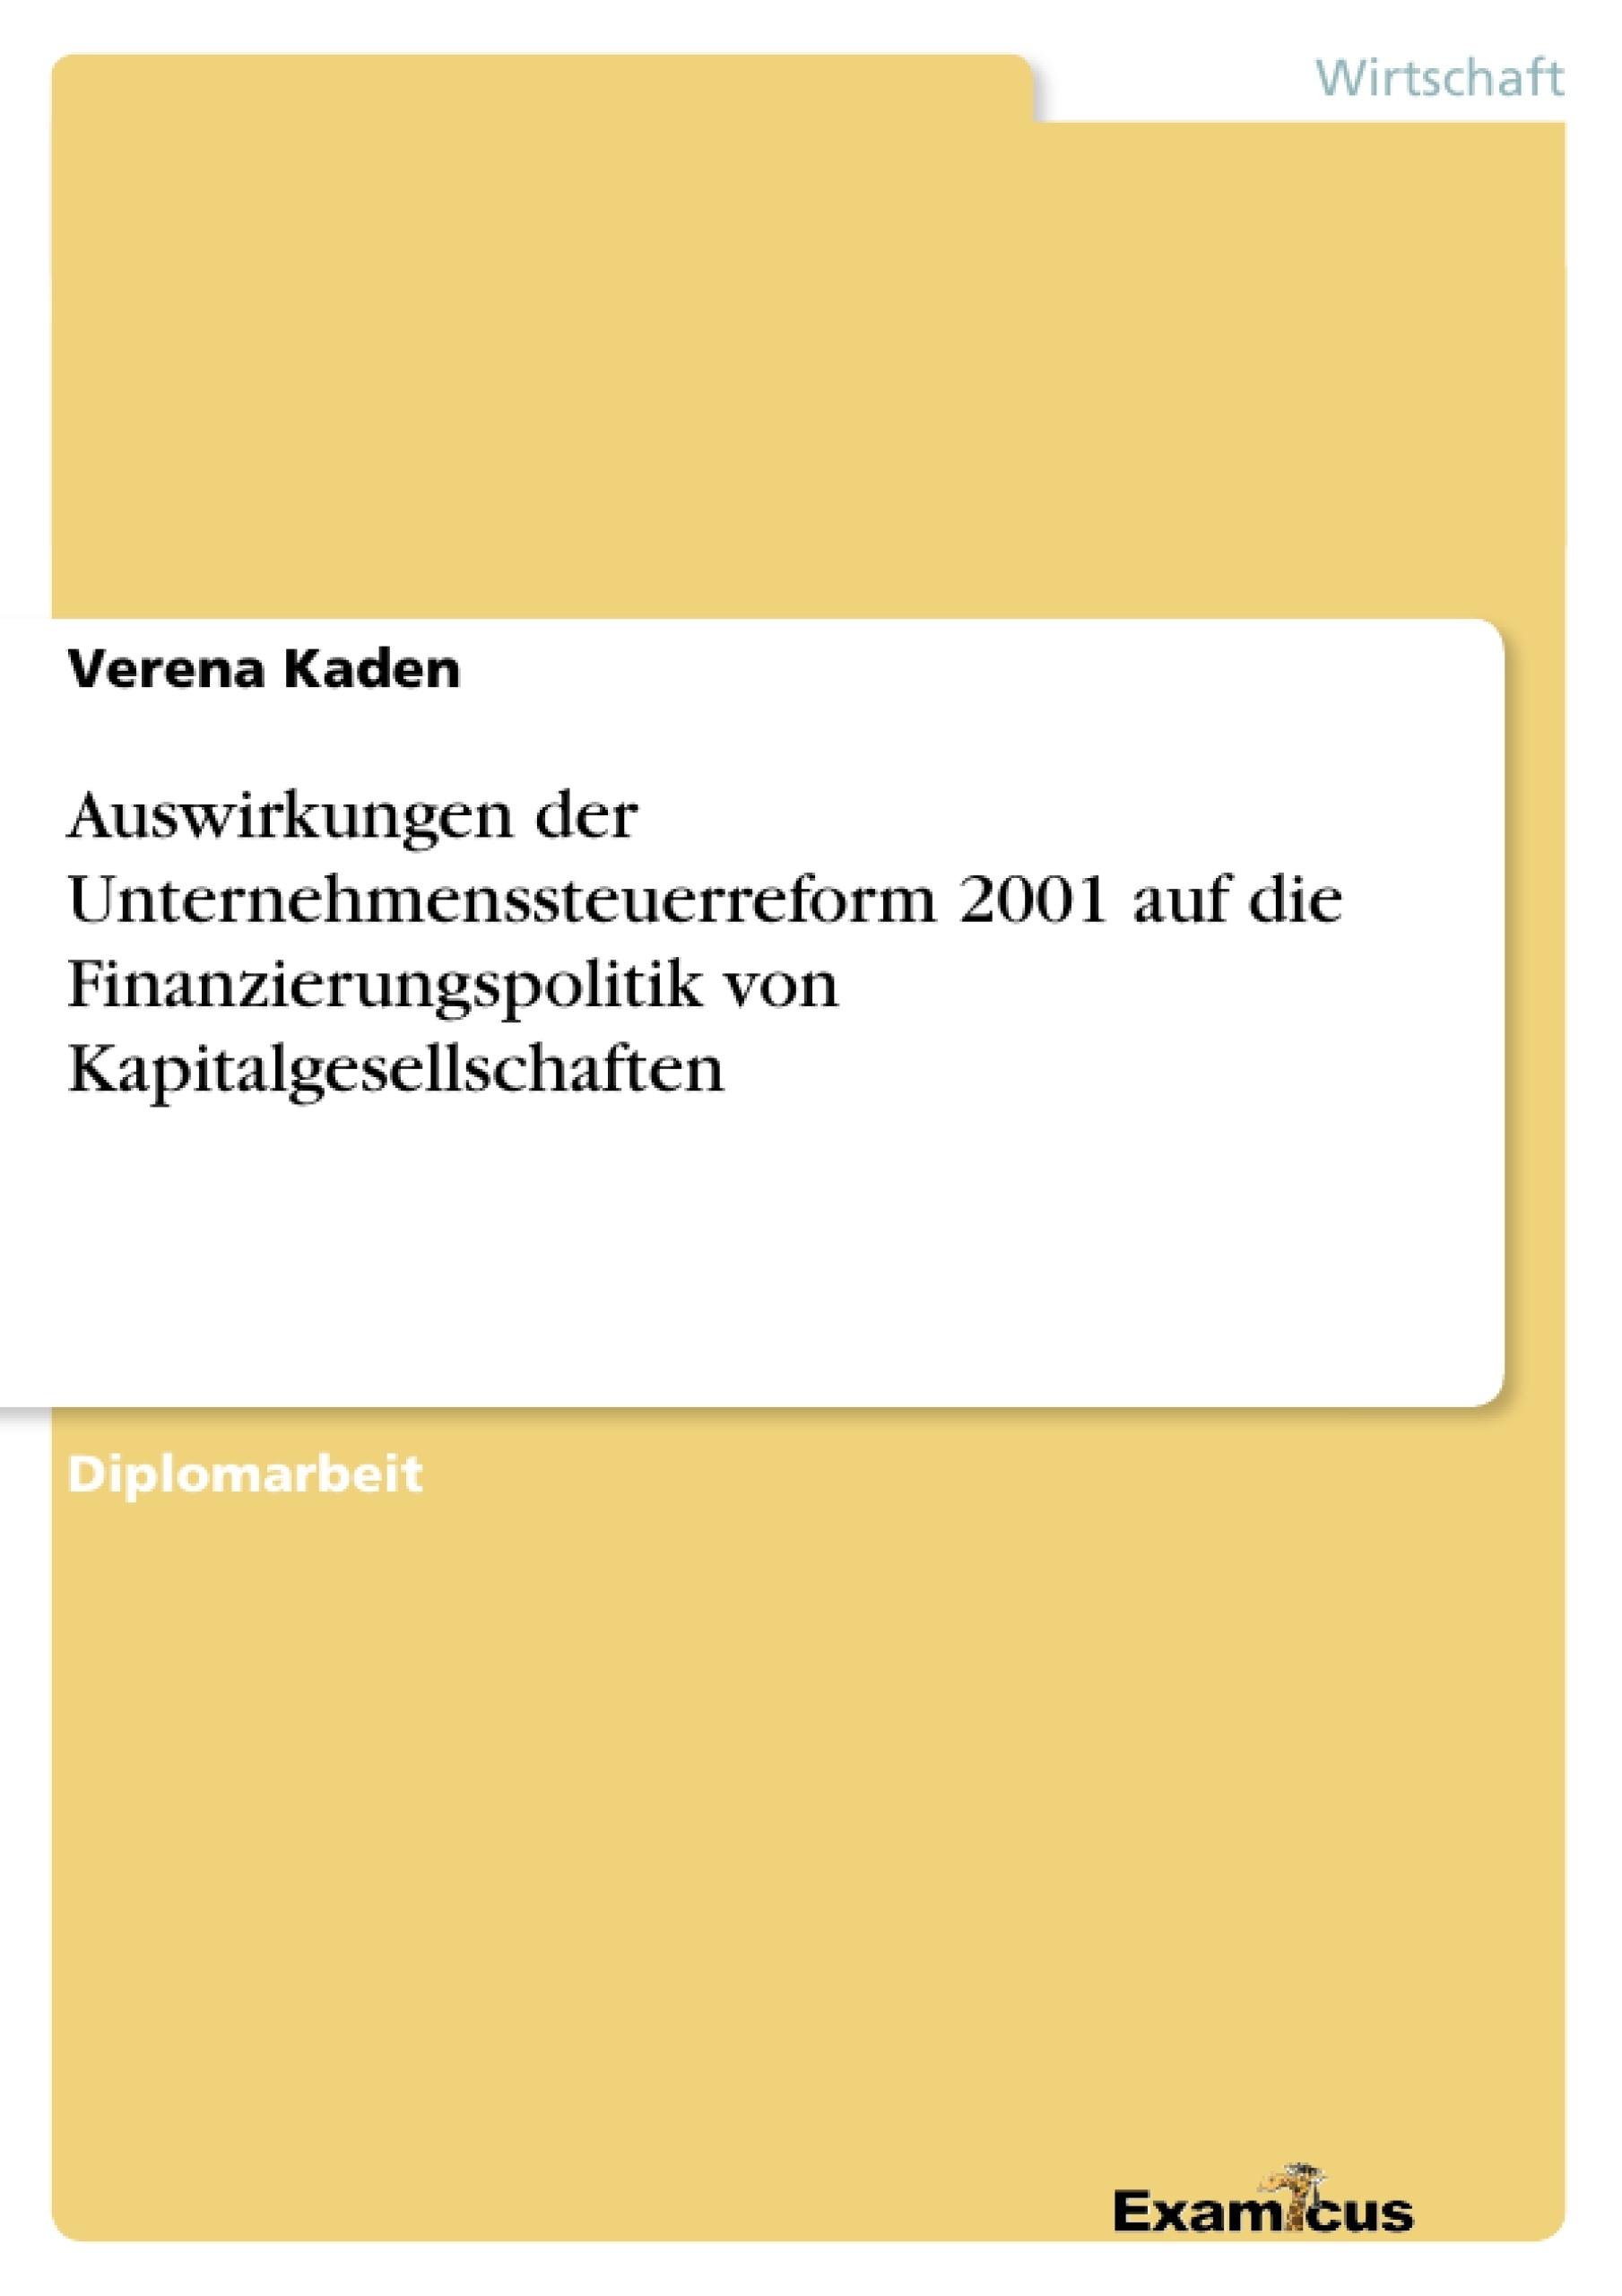 Titel: Auswirkungen der Unternehmenssteuerreform 2001 auf die Finanzierungspolitik von Kapitalgesellschaften